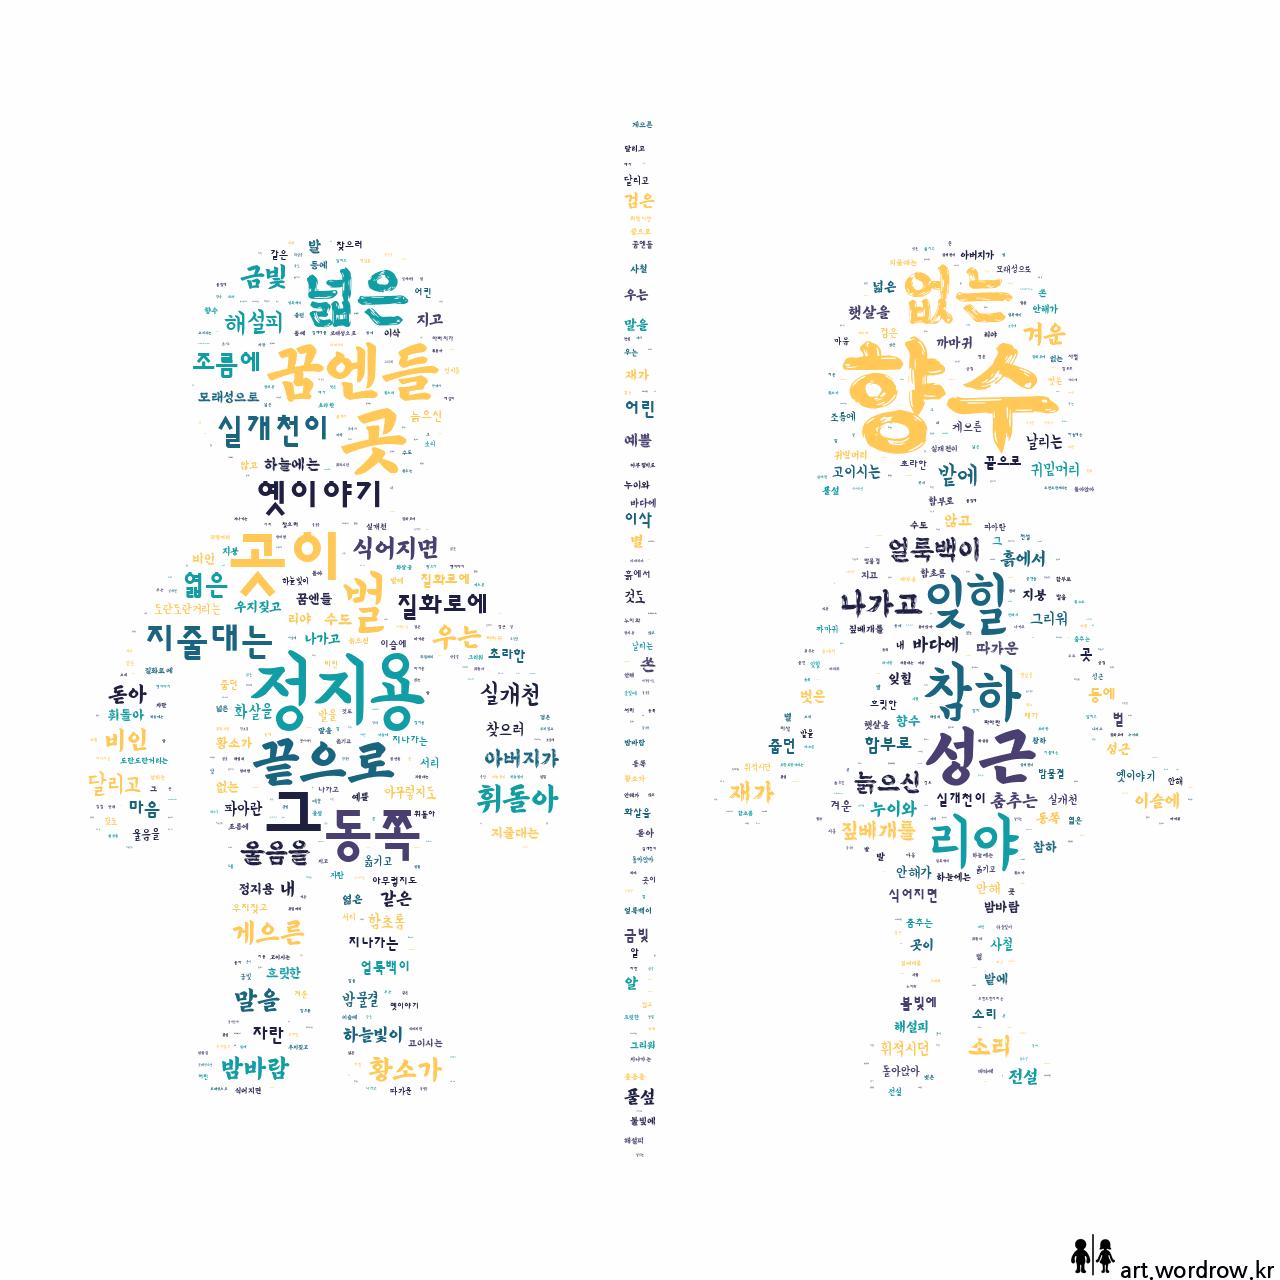 워드 클라우드: 향수 [정지용]-73